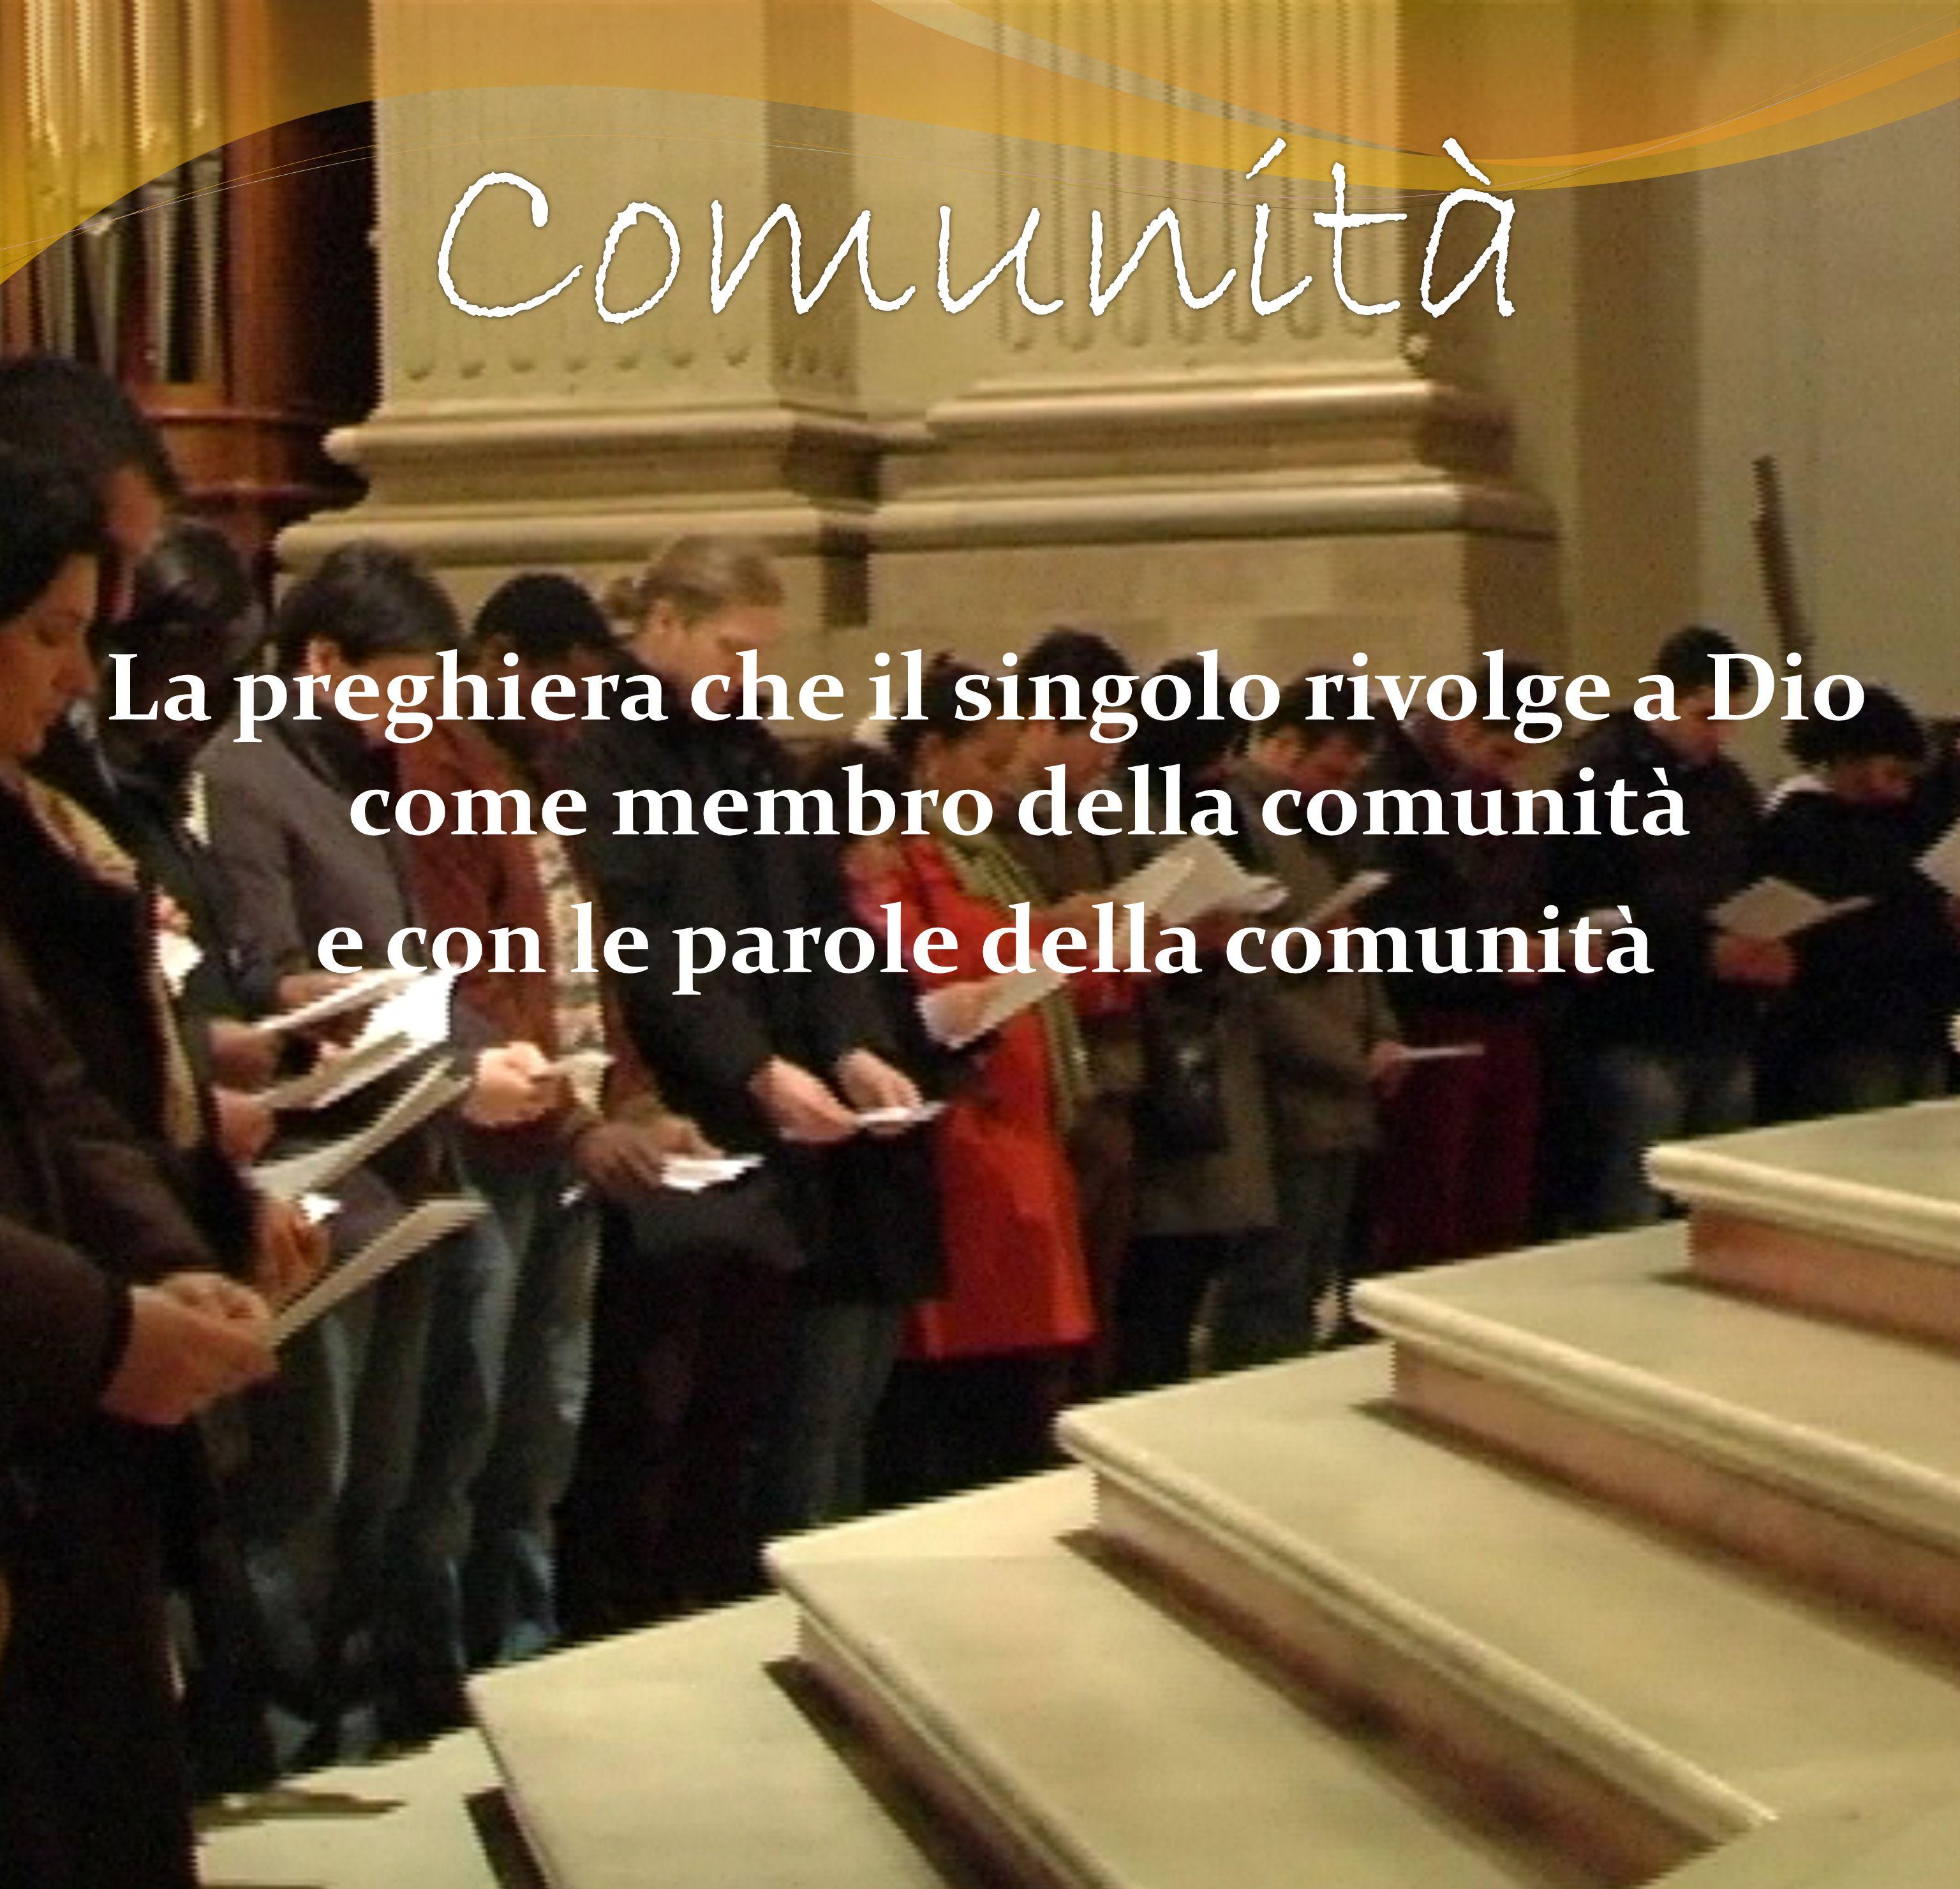 La preghiera che il singolo rivolge a Dio come membro della comunità e con le parole della comunità